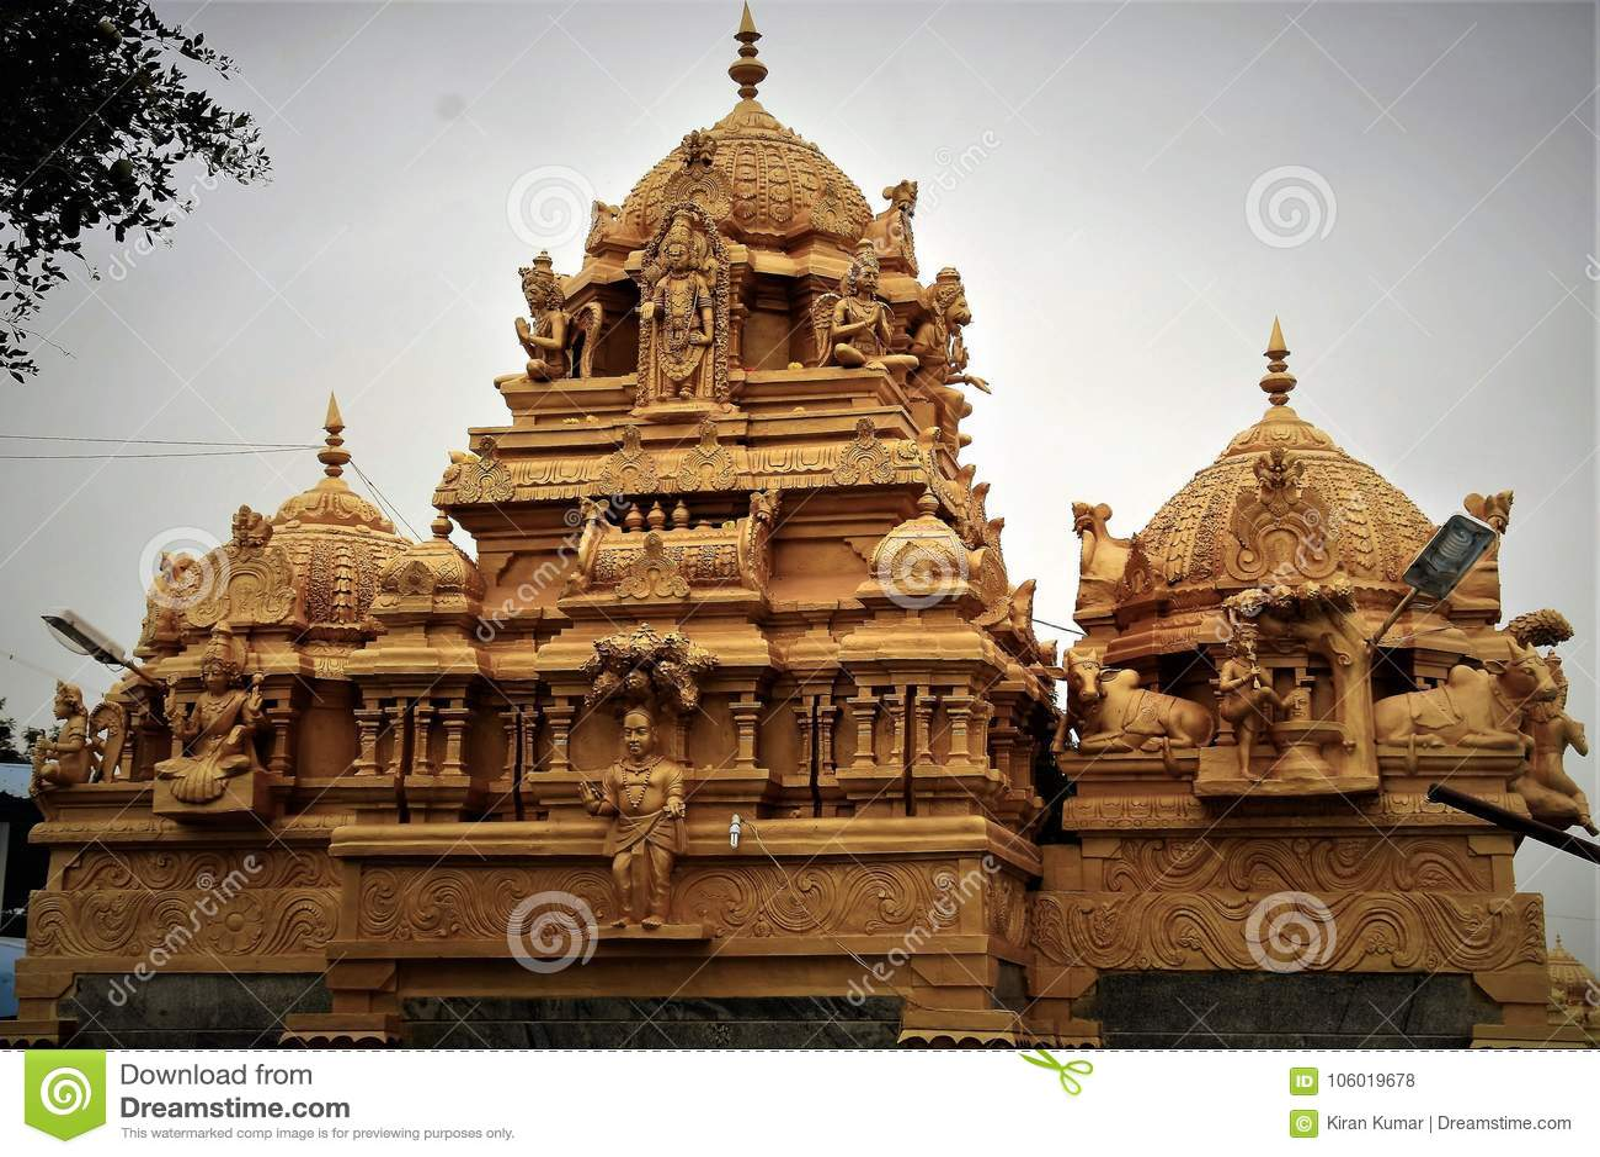 Kotilingeshwara Temple Stock Photo Image Of Karnatakaka 106019678